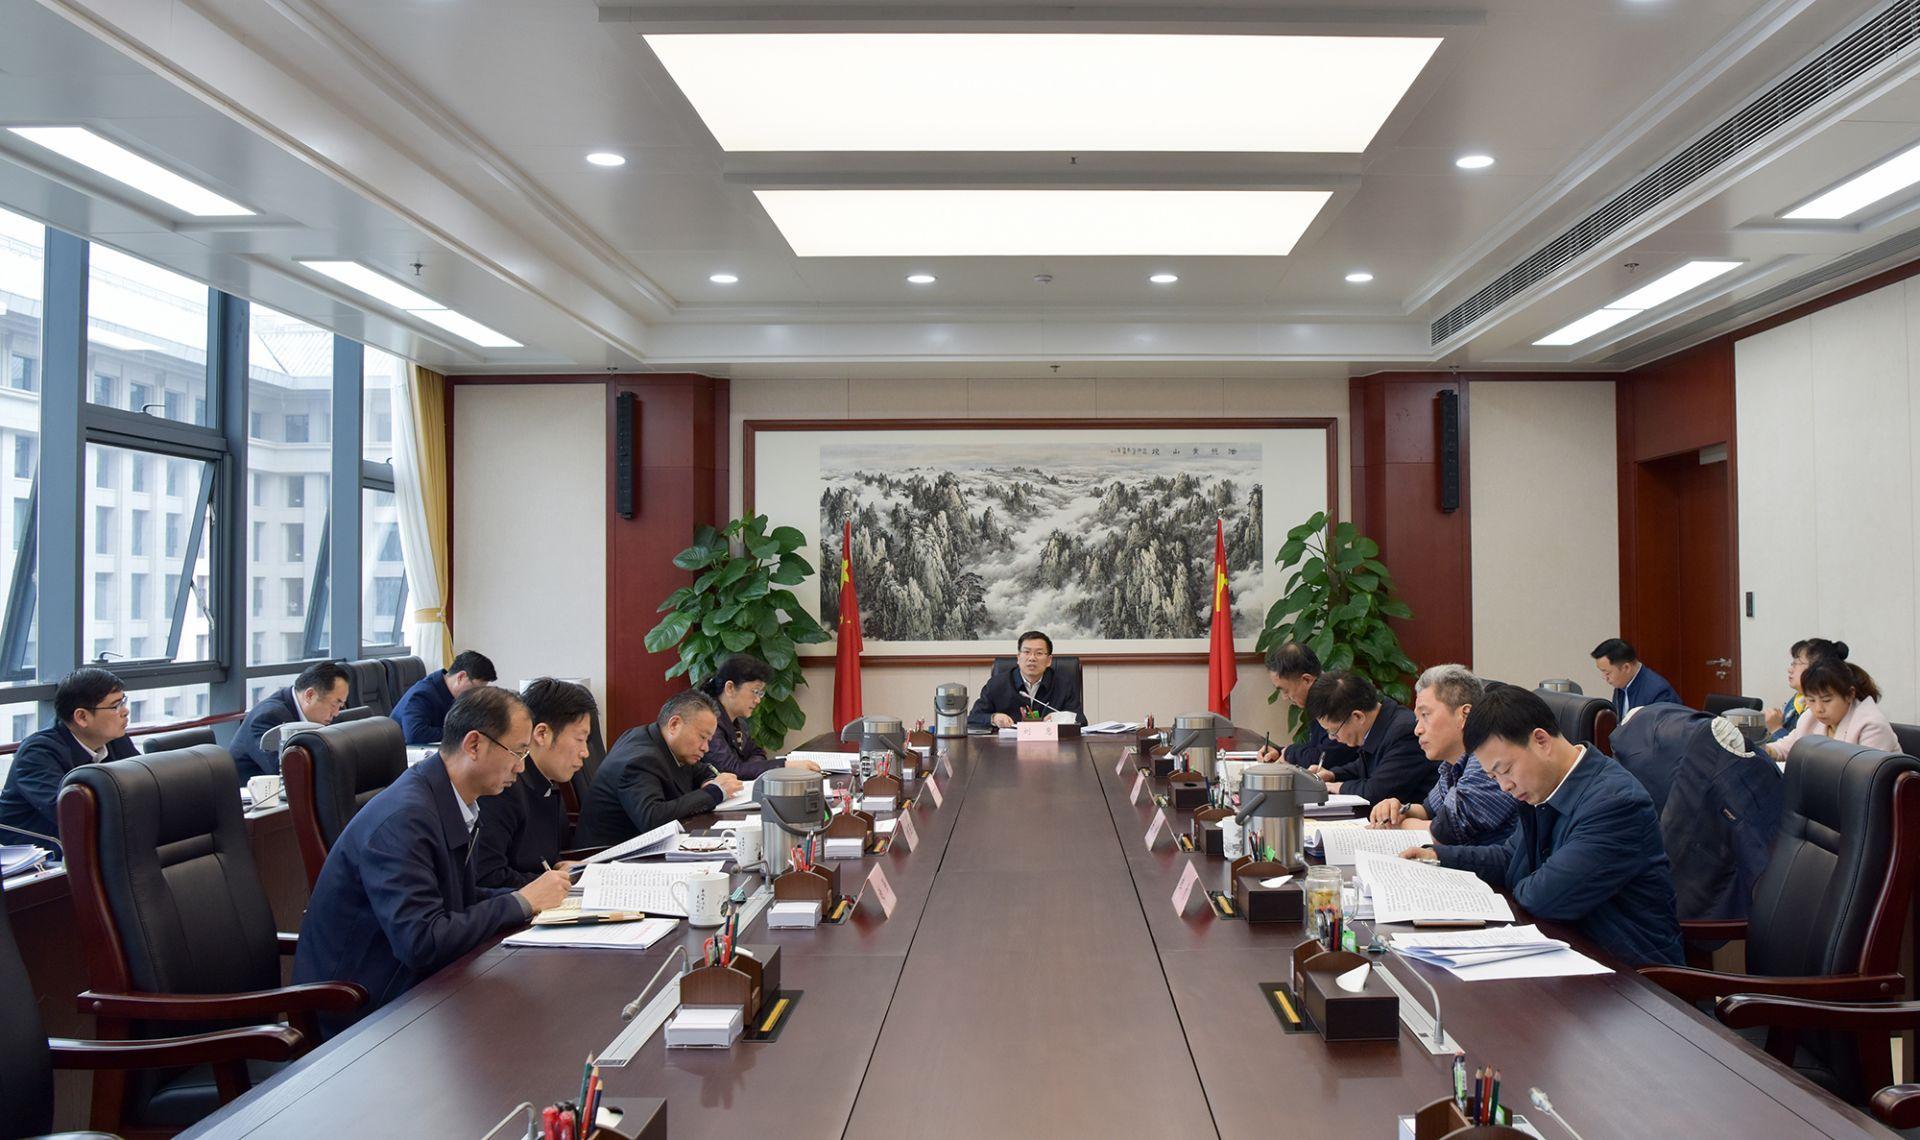 刘惠:提高政治站位 把扫黑除恶同反腐败结合起来